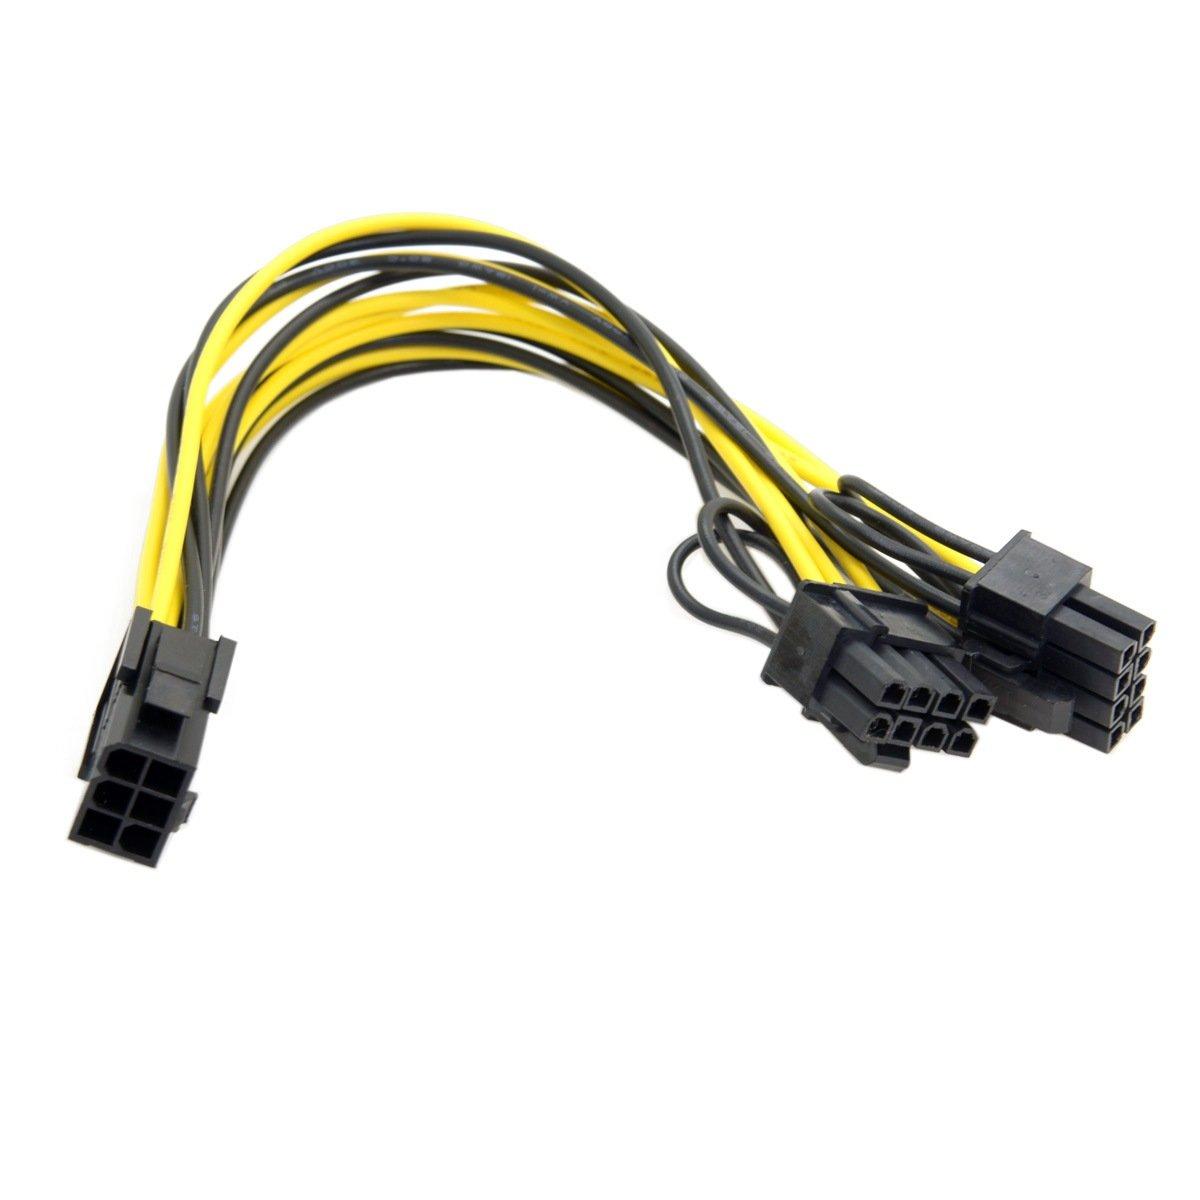 Cikuso Adaptateur de Chargeur de Voiture /à Double USB Socle DAllume-Cigare Commutateur de Voltm/ètre Num/érique LED Prise de 12V Panneau de Commutateur /à 4 Trou